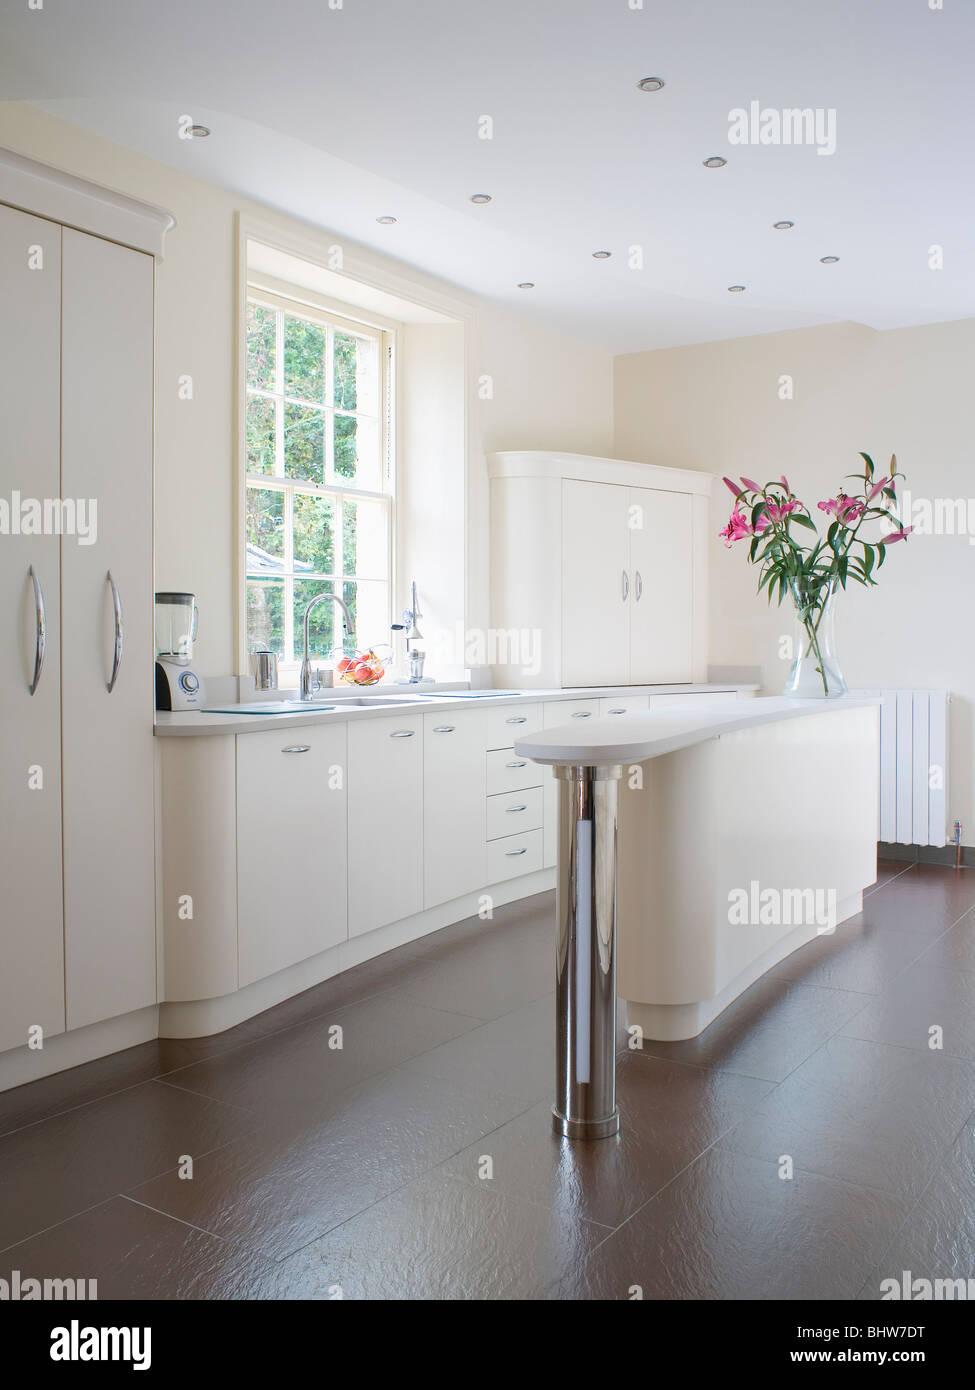 Kitchen Flooring Slate Stock Photos & Kitchen Flooring Slate Stock ...